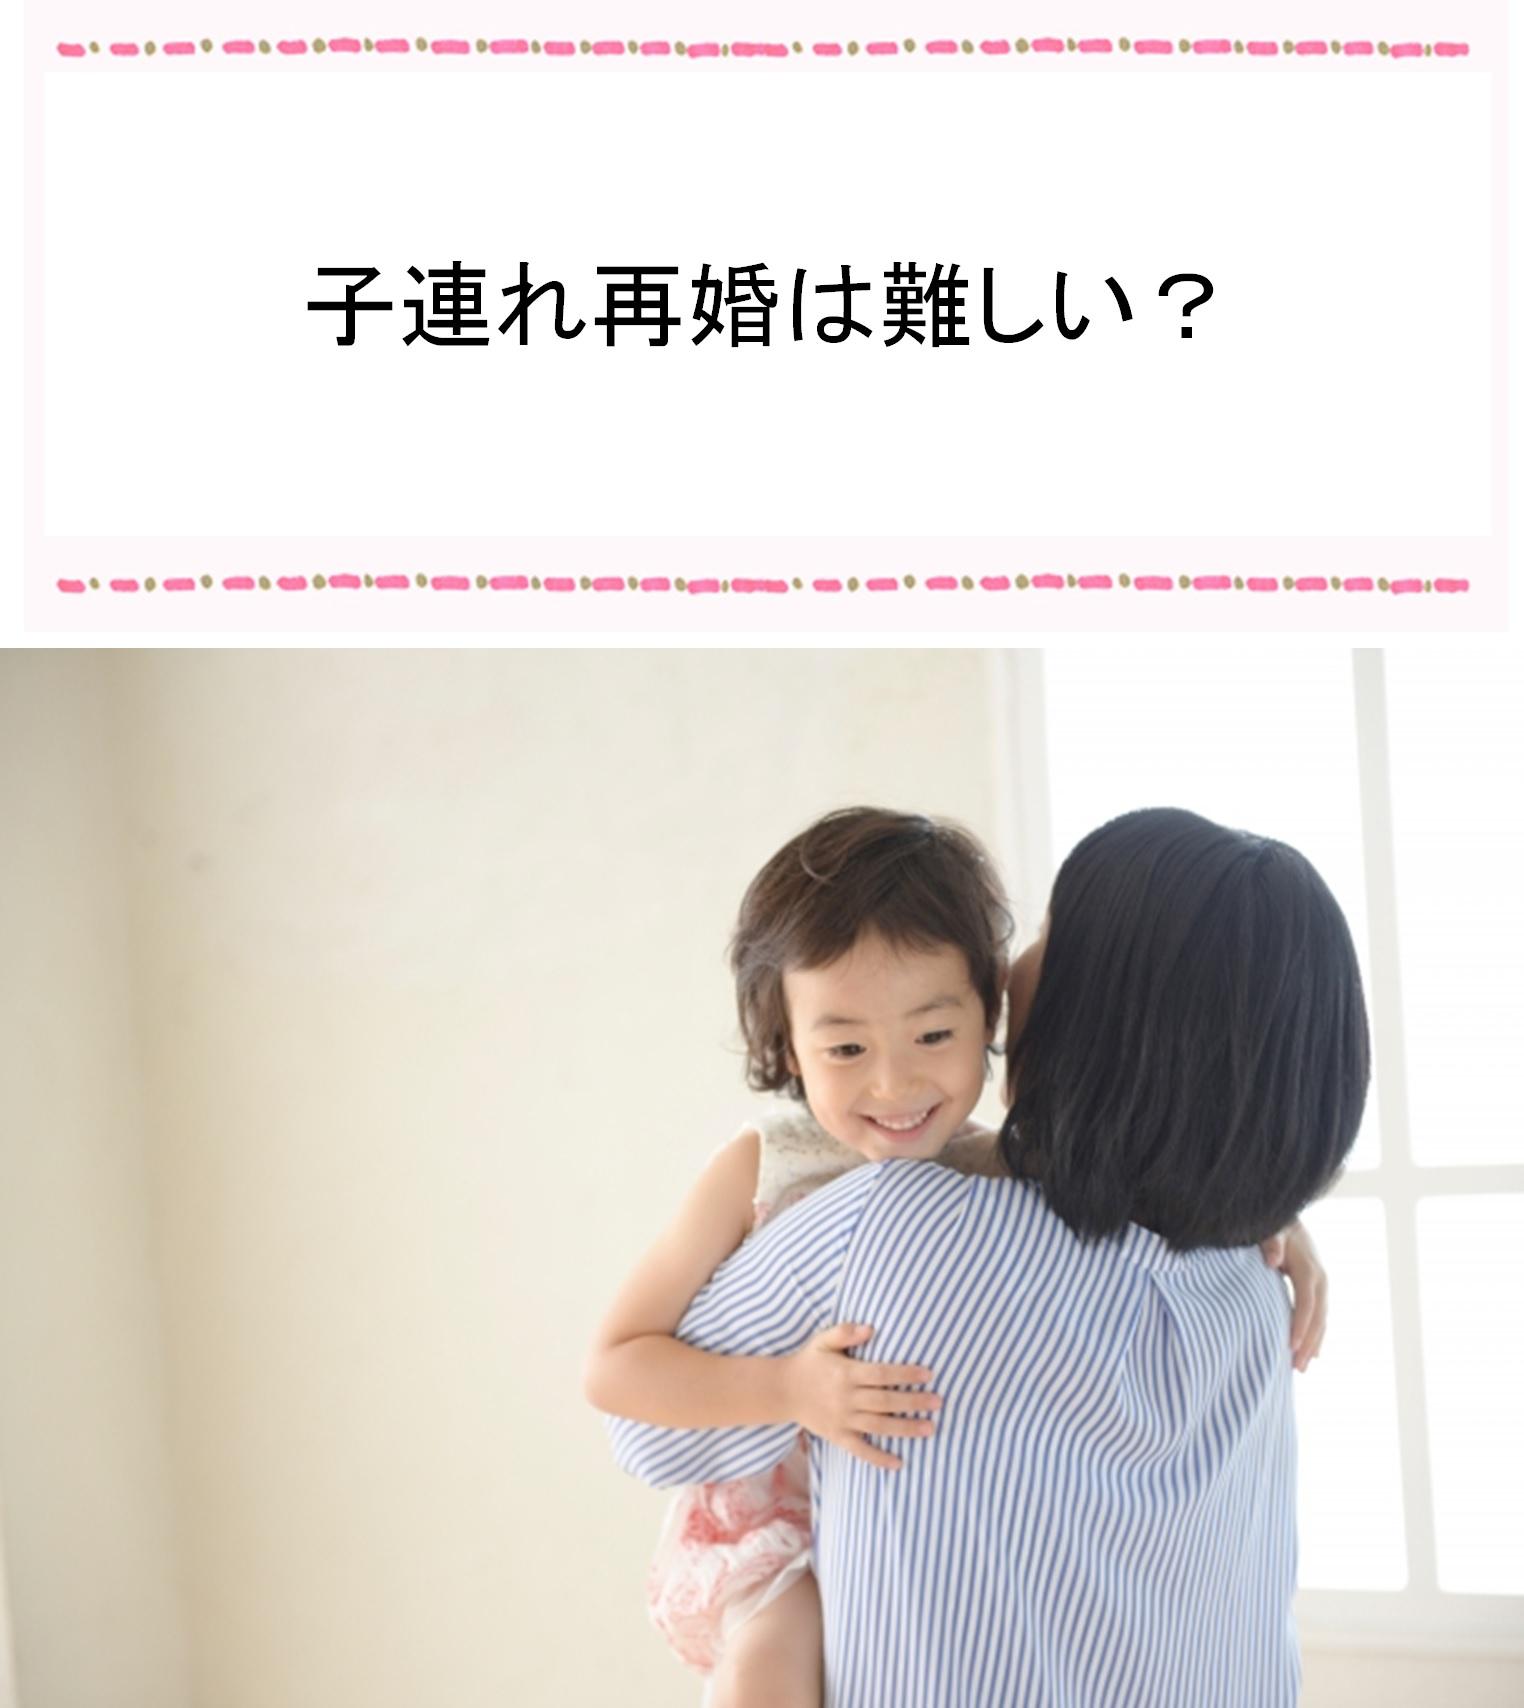 子連れ再婚は難しい?